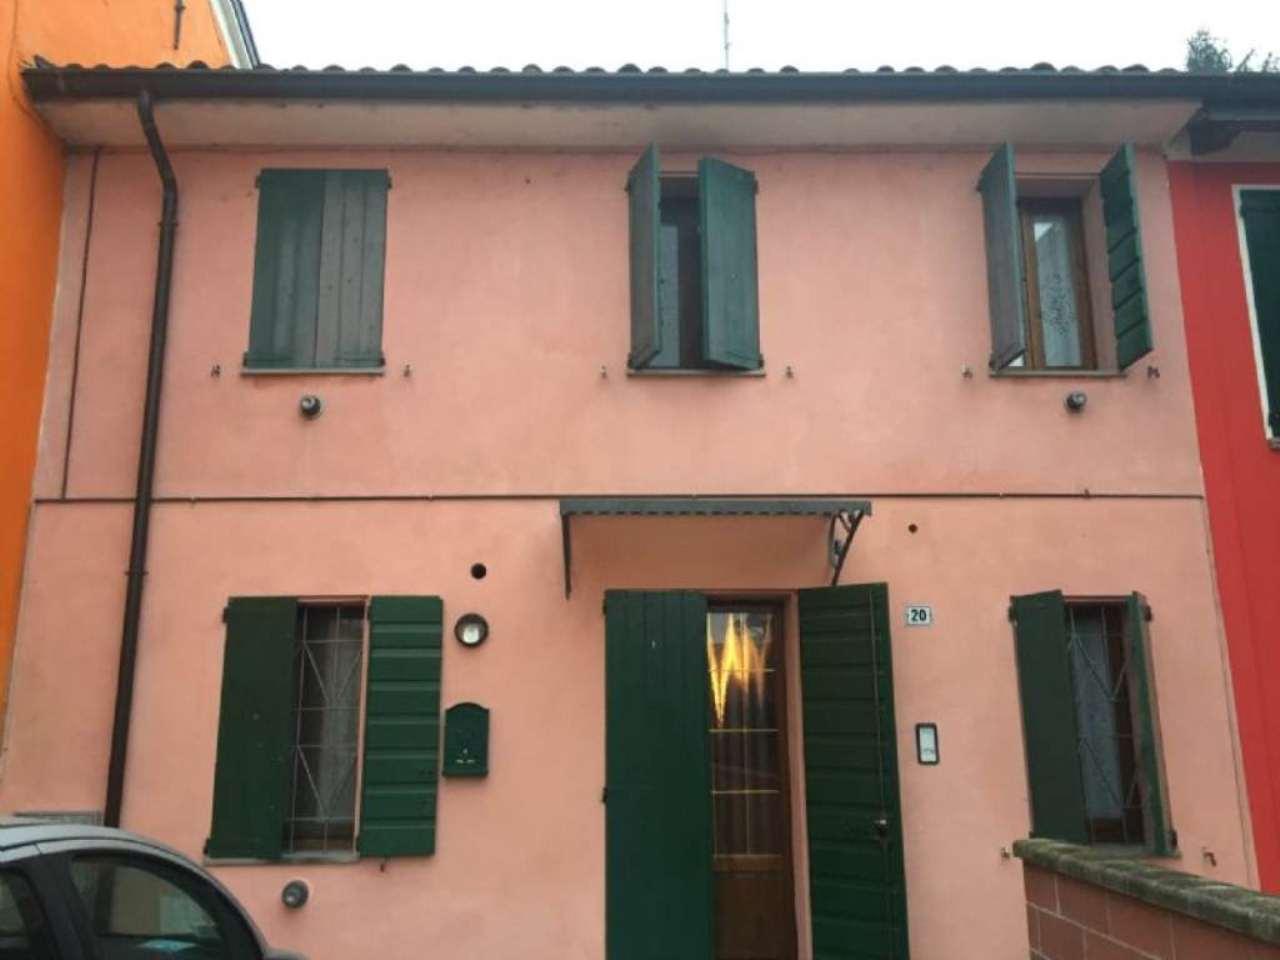 Palazzo / Stabile in vendita a Dosolo, 3 locali, prezzo € 60.000 | CambioCasa.it